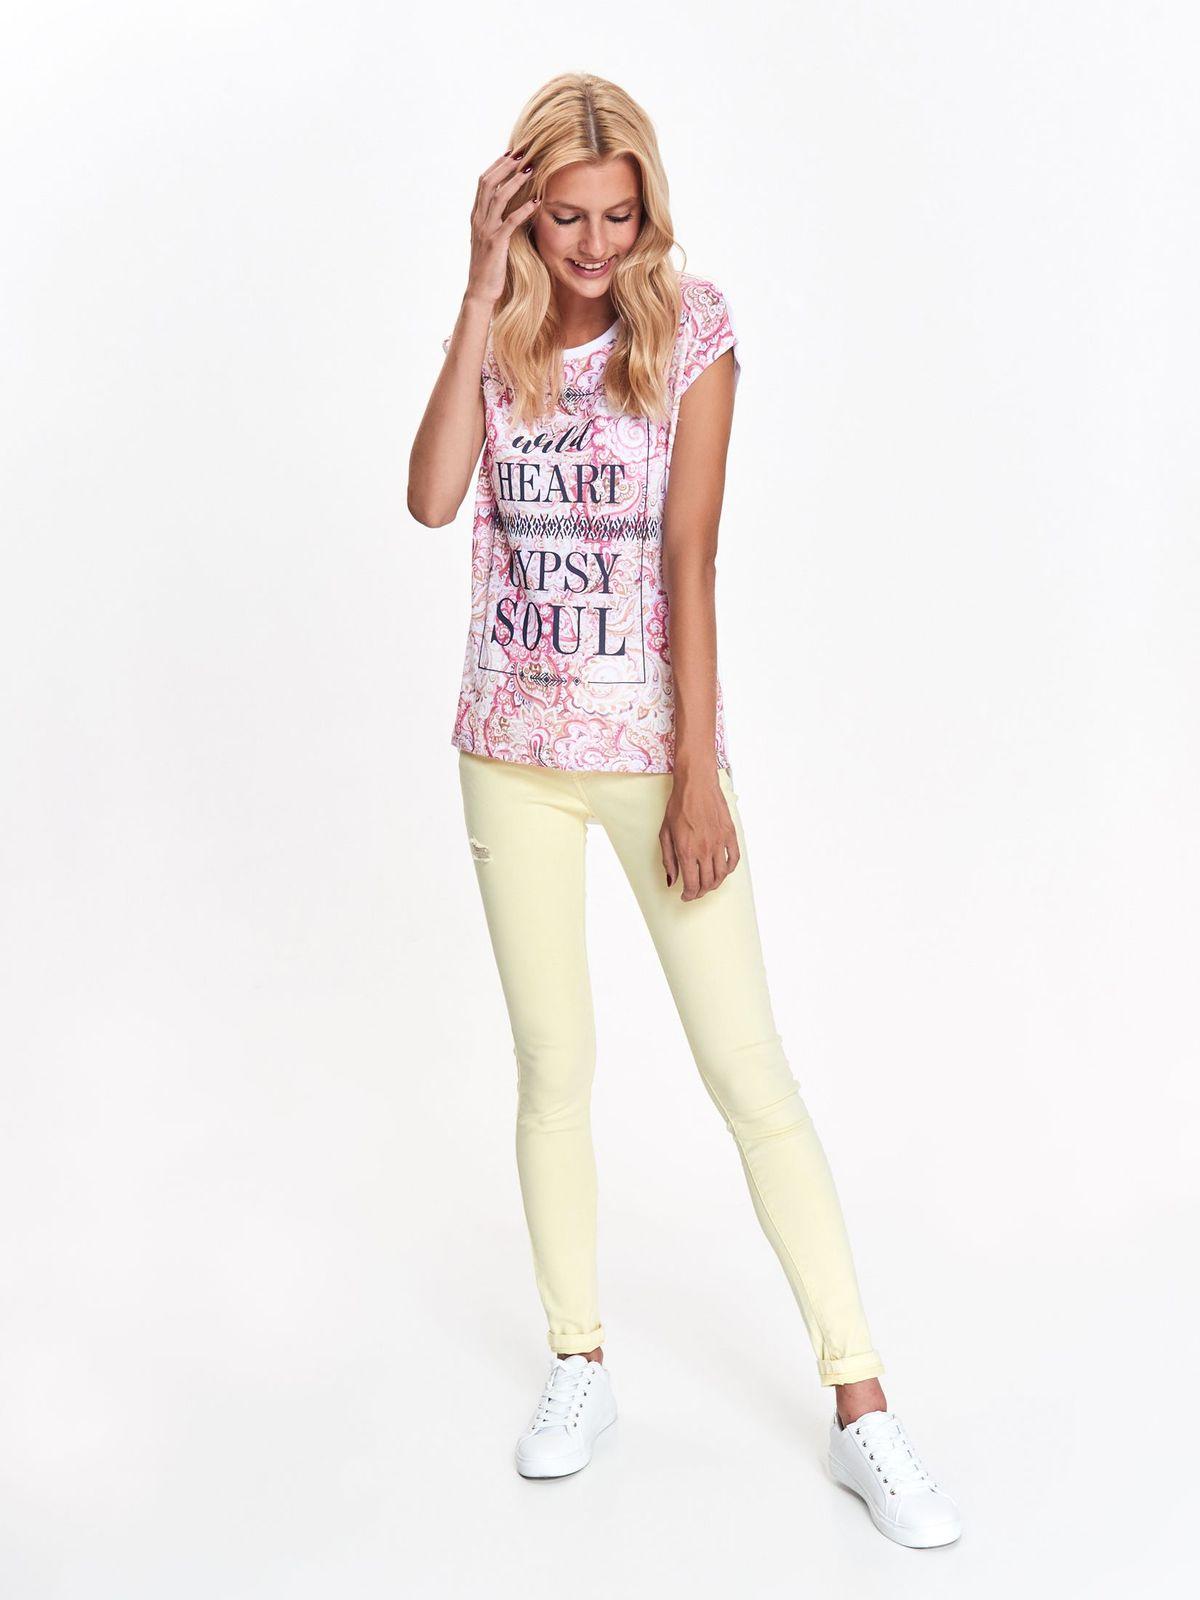 8d694265a6c9 Tričko s krátkym rukávom biele s ružovou potlačou a čiernym nápisom ...